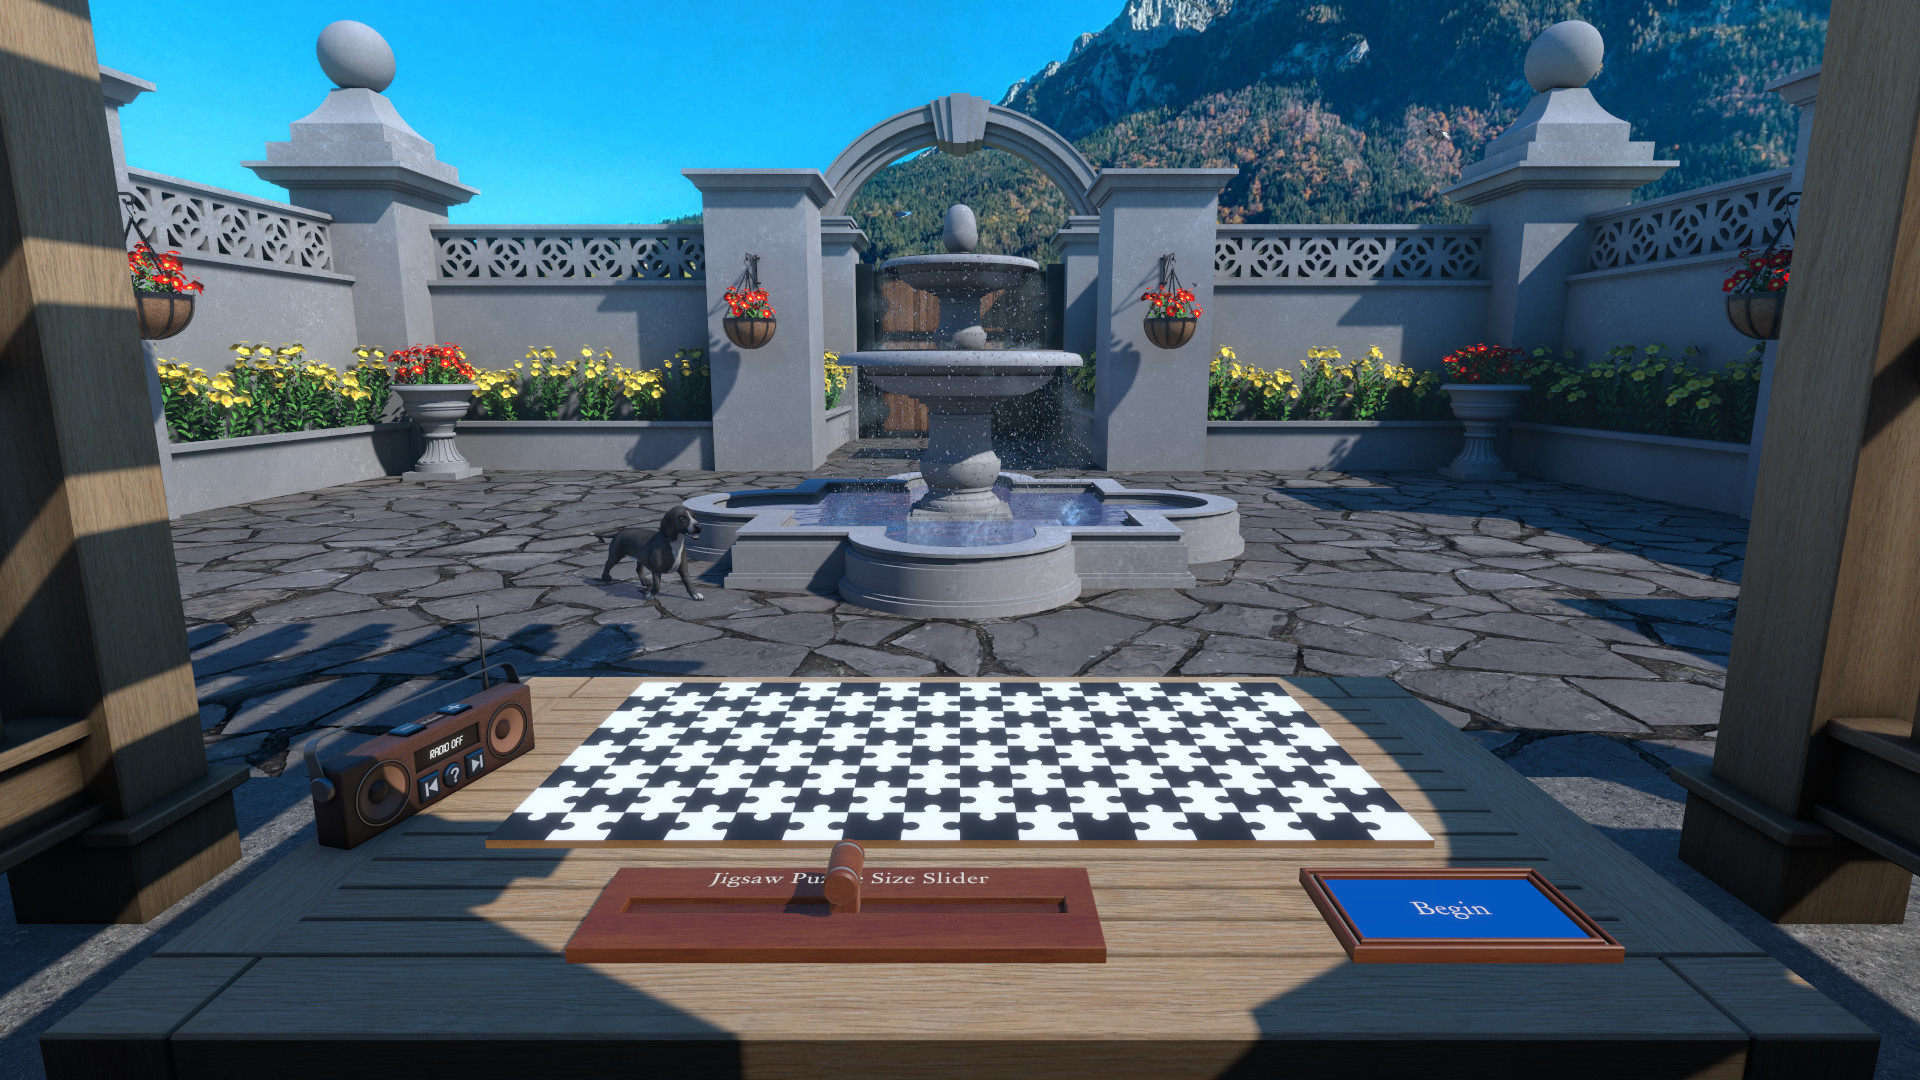 The Jigsaw Puzzle Garden screenshot